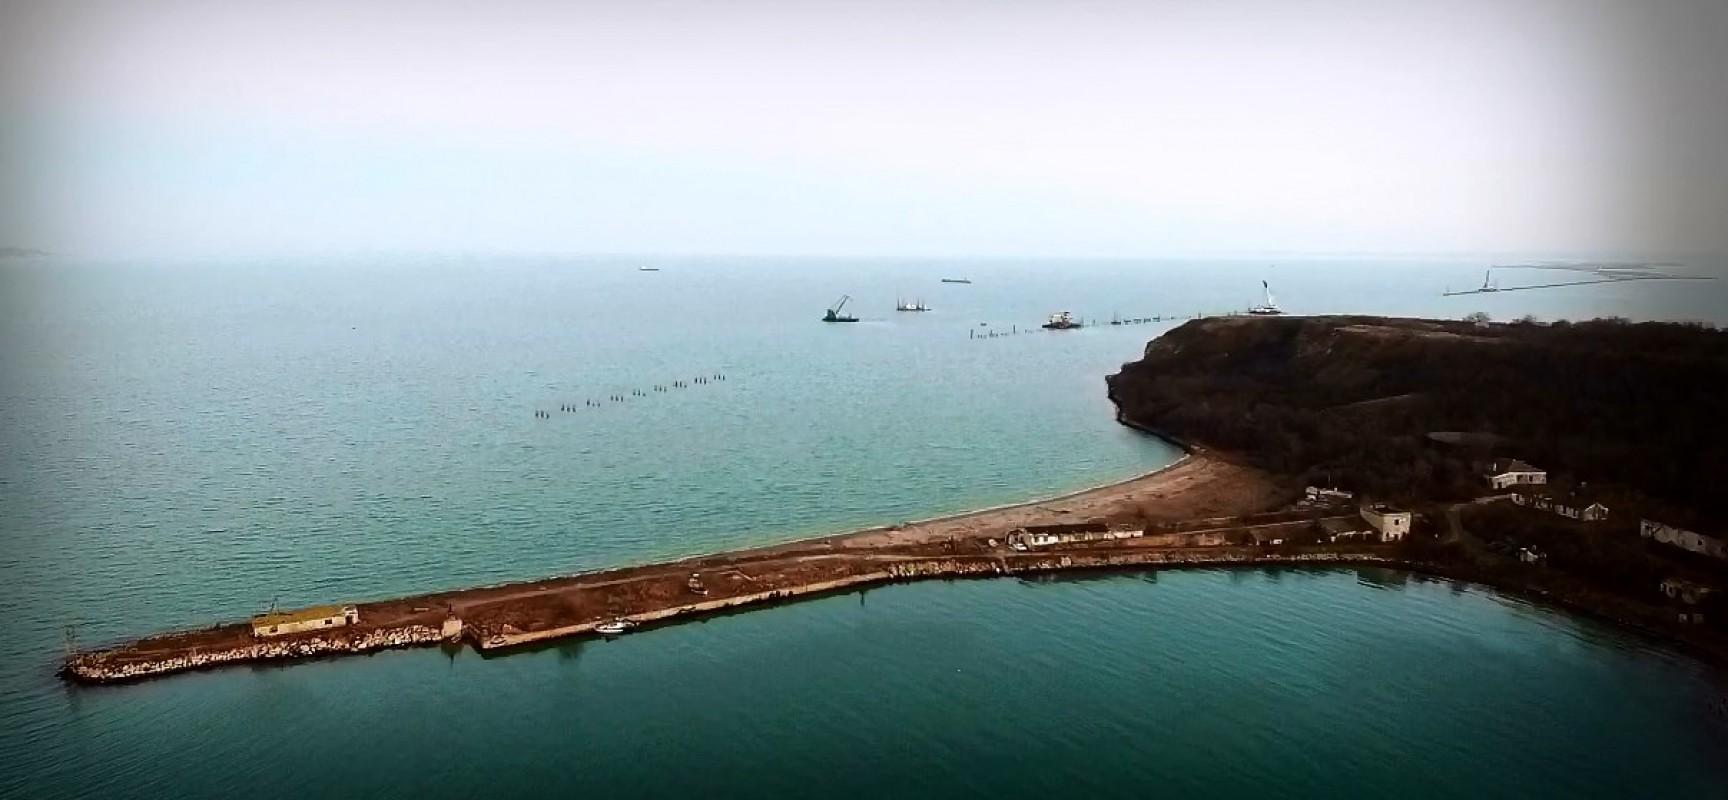 РМ-3. Керчь. Строительство моста через пролив 15.01.2016